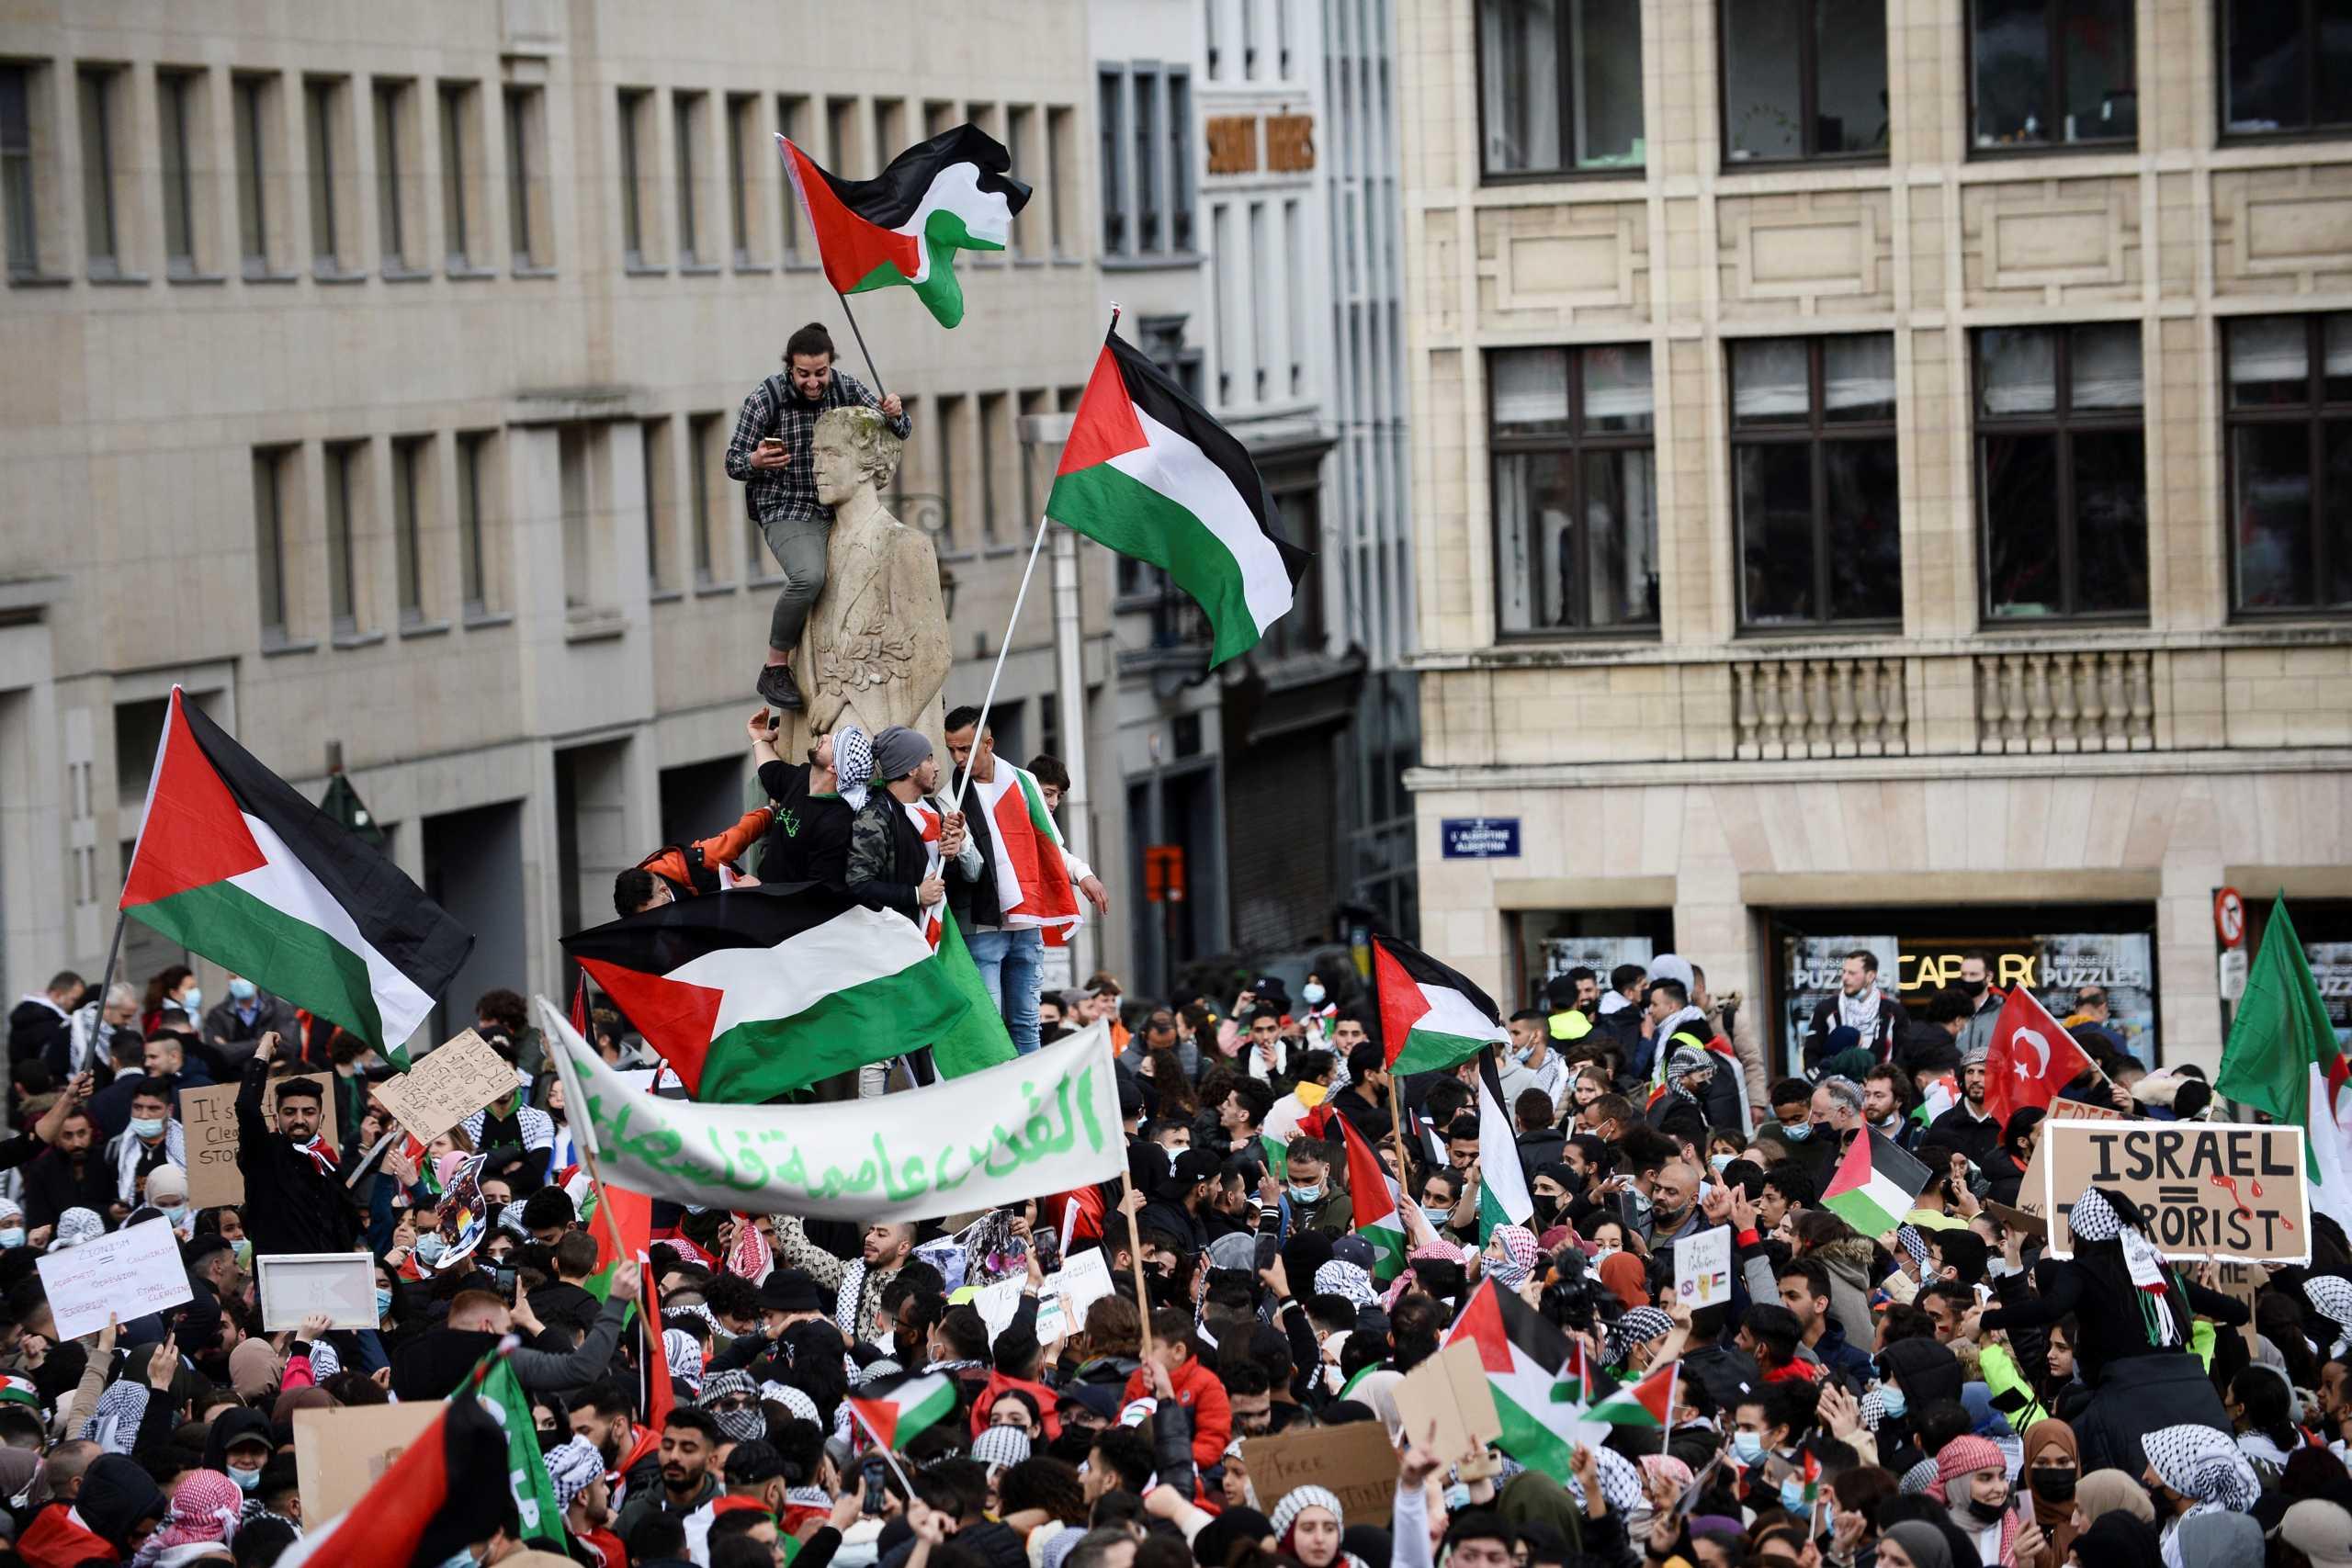 Μαζικές διαδηλώσεις σε Ευρώπη και ΗΠΑ υπέρ των Παλαιστινίων (pics)